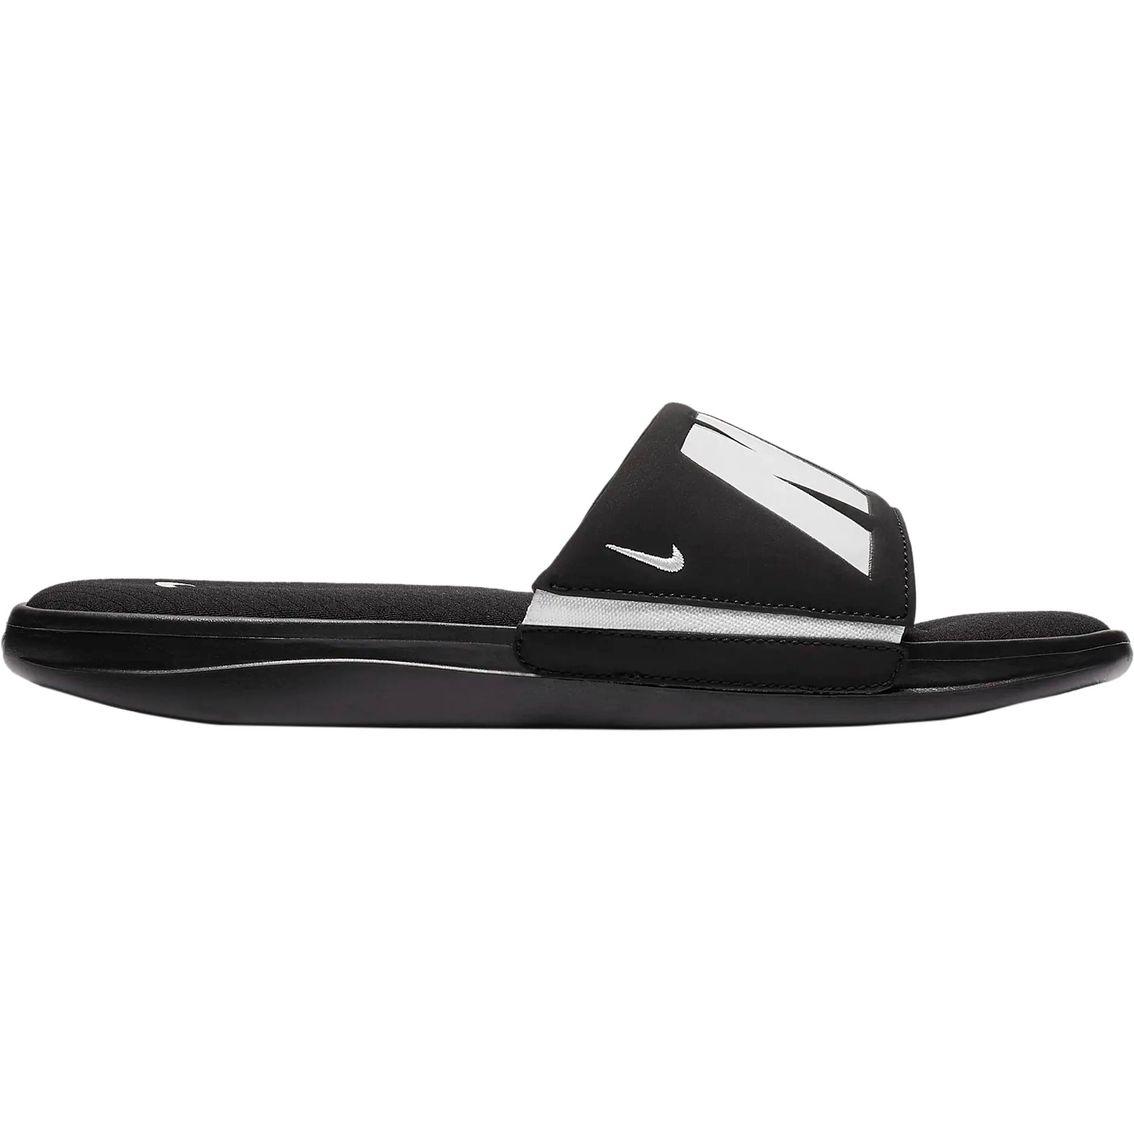 Sandalia Nike Ultra Comfort 3 Slide Masculino - Preto e Branco  - PROTENISTA